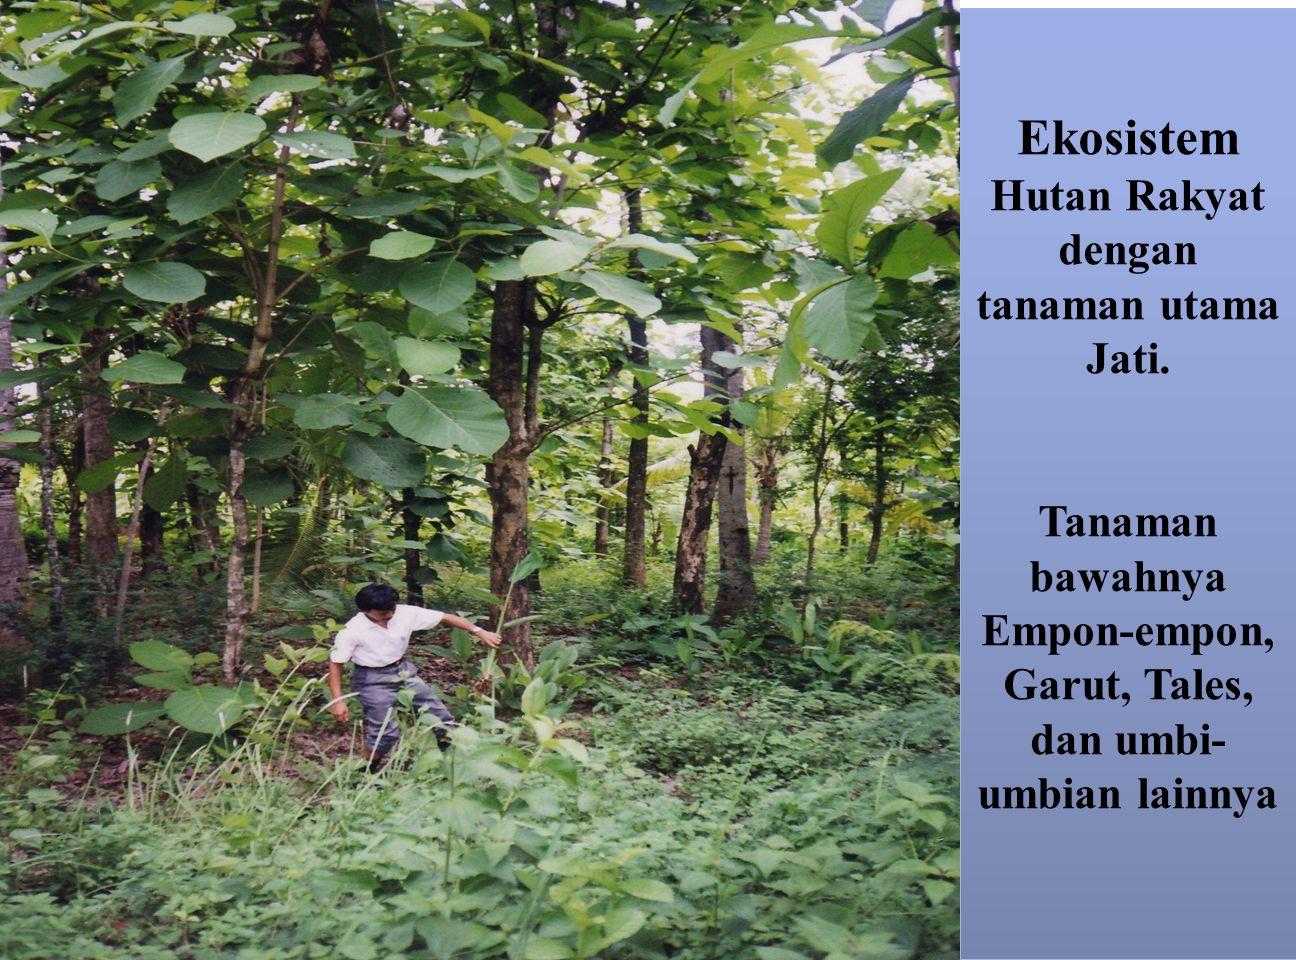 Ekosistem Hutan Rakyat dengan tanaman utama Jati. Tanaman bawahnya Empon-empon, Garut, Tales, dan umbi- umbian lainnya Ekosistem Hutan Rakyat dengan t